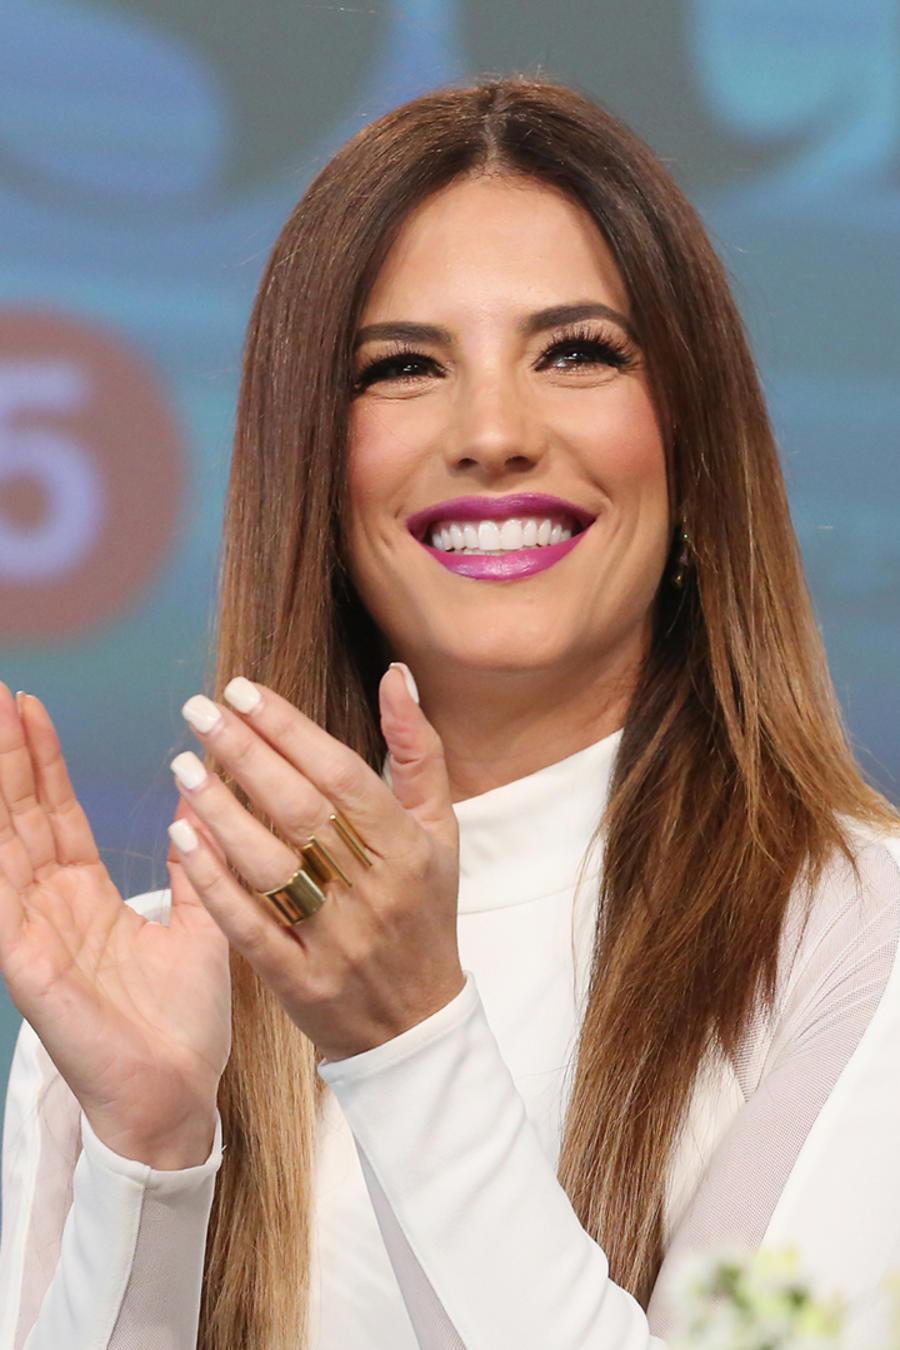 Gaby Espino y Lele Pons ganan la votación de las 25 mujeres más poderosas de People en Español